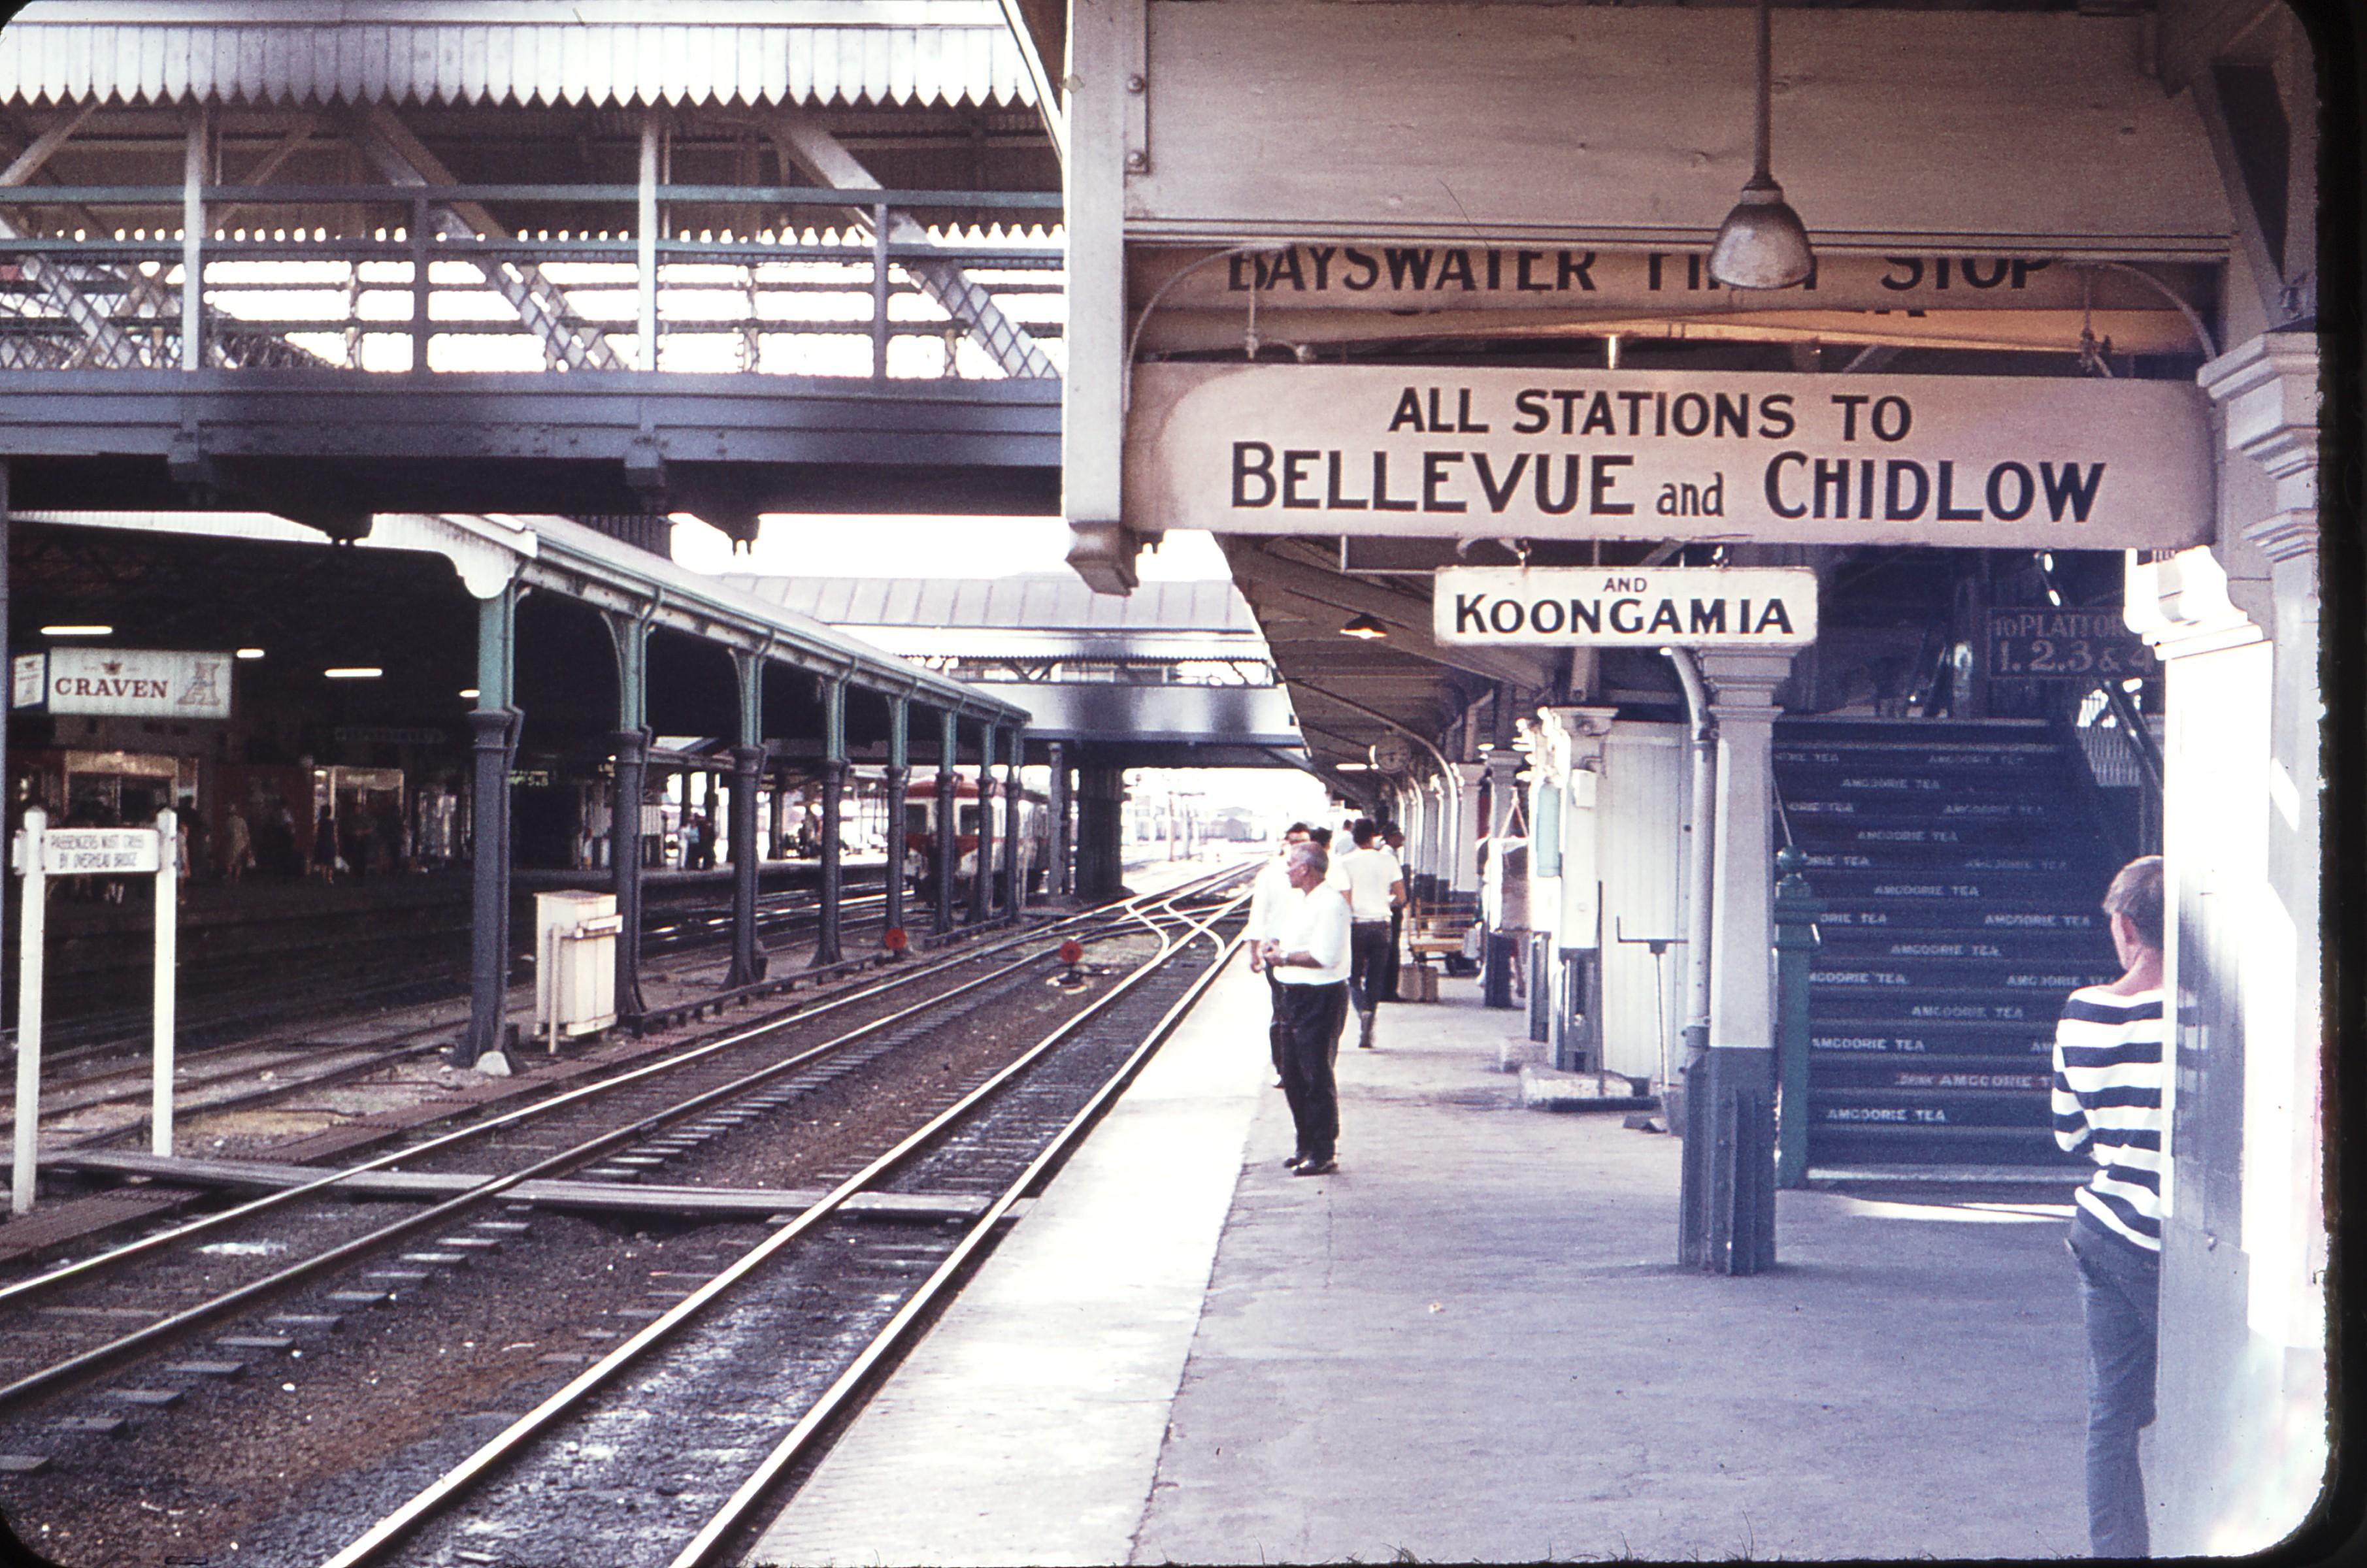 Bellevue perth